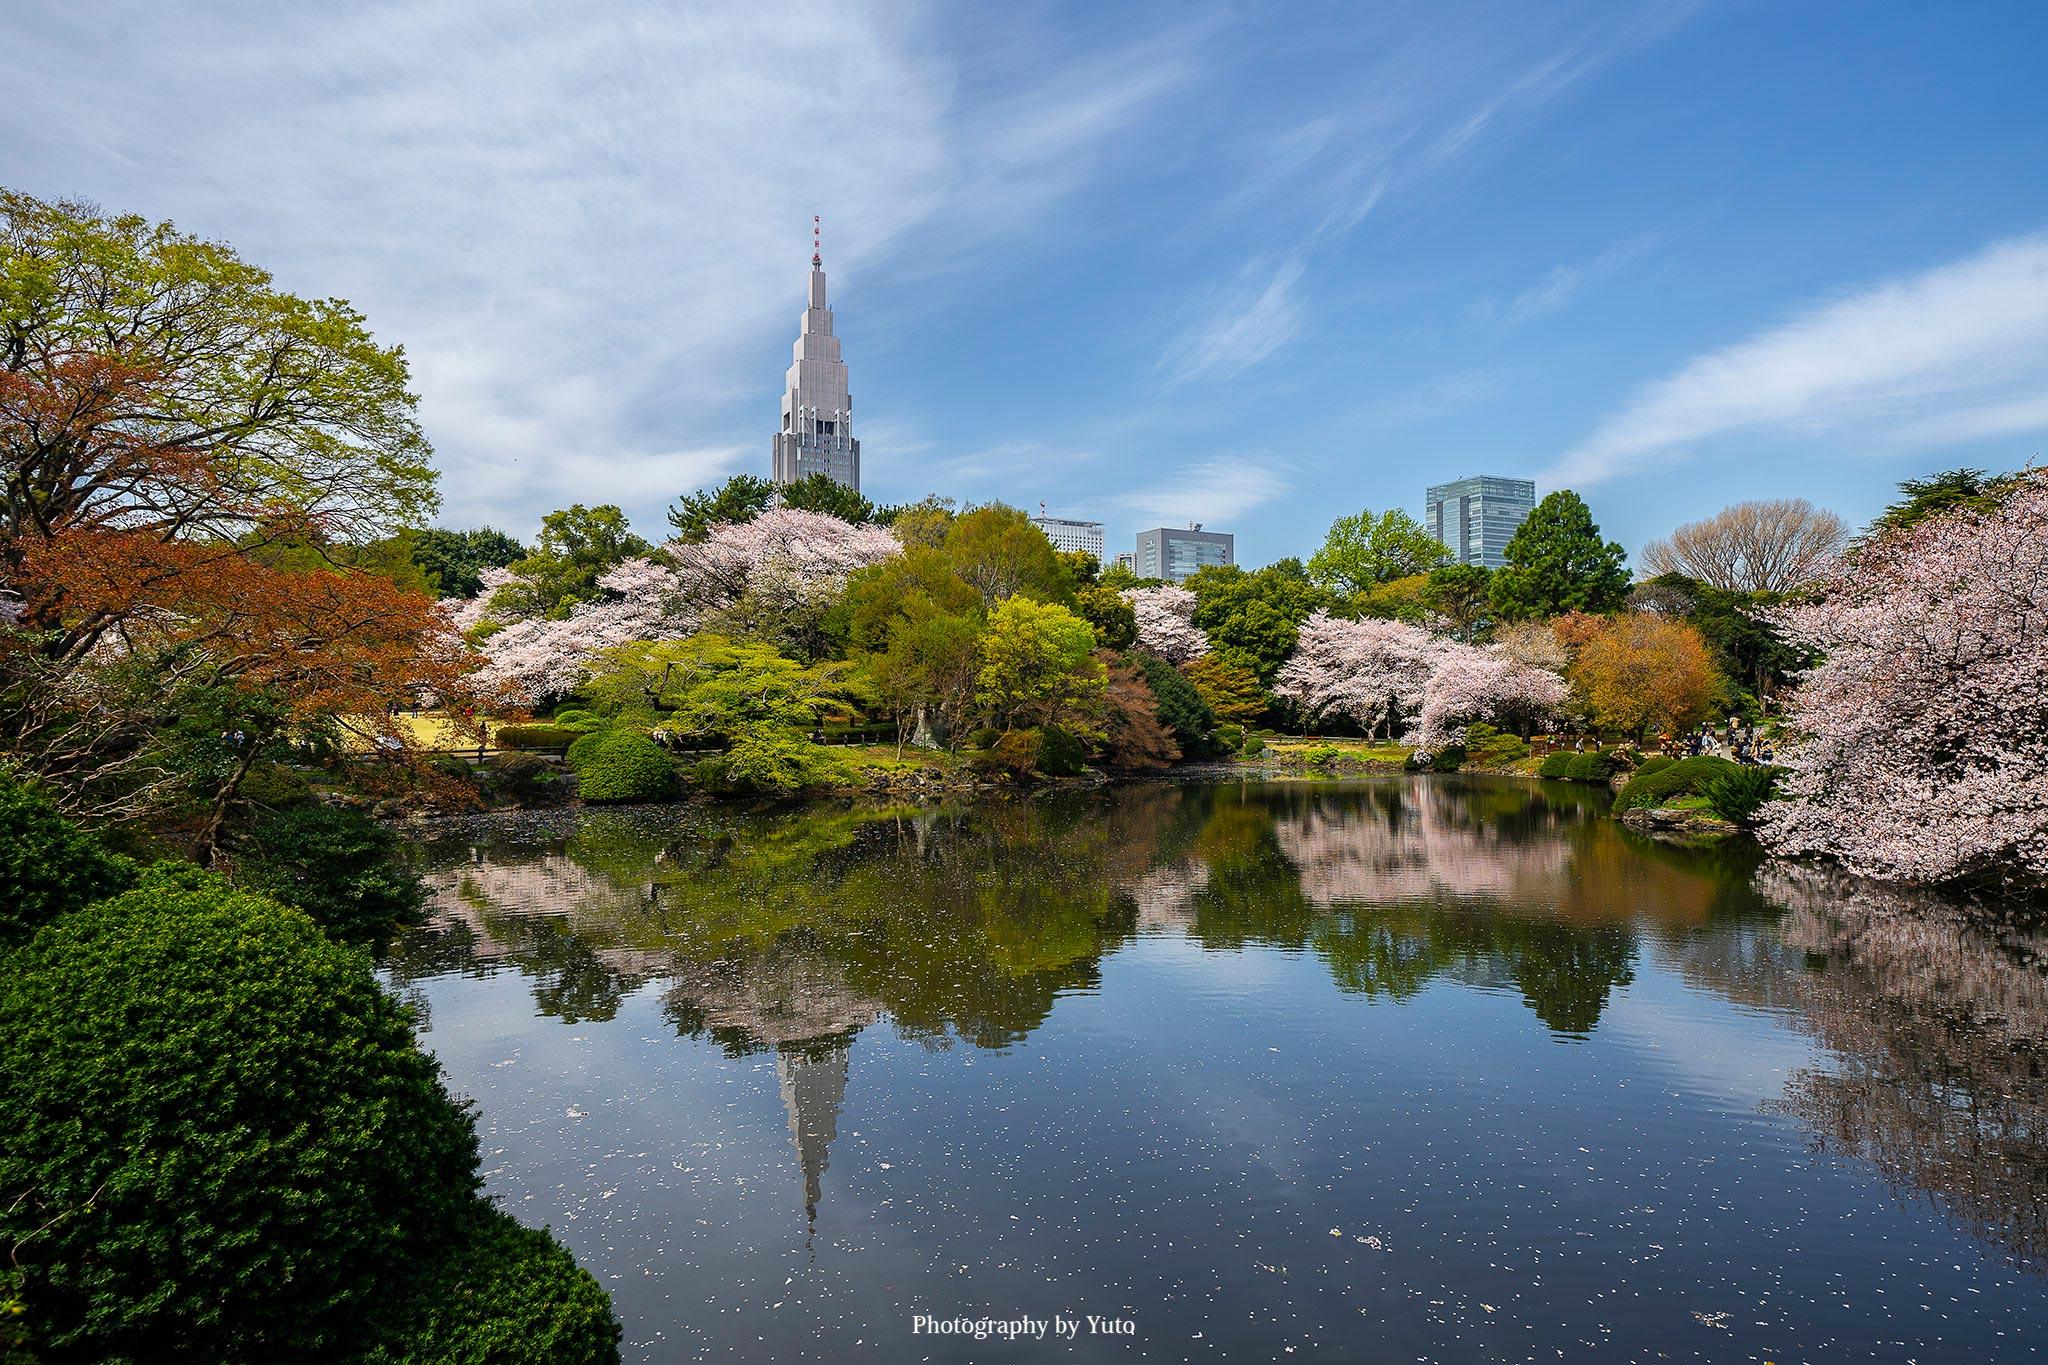 東京の桜 新宿御苑 都内で桜を楽しむなら超オススメな理由を写真付きで紹介